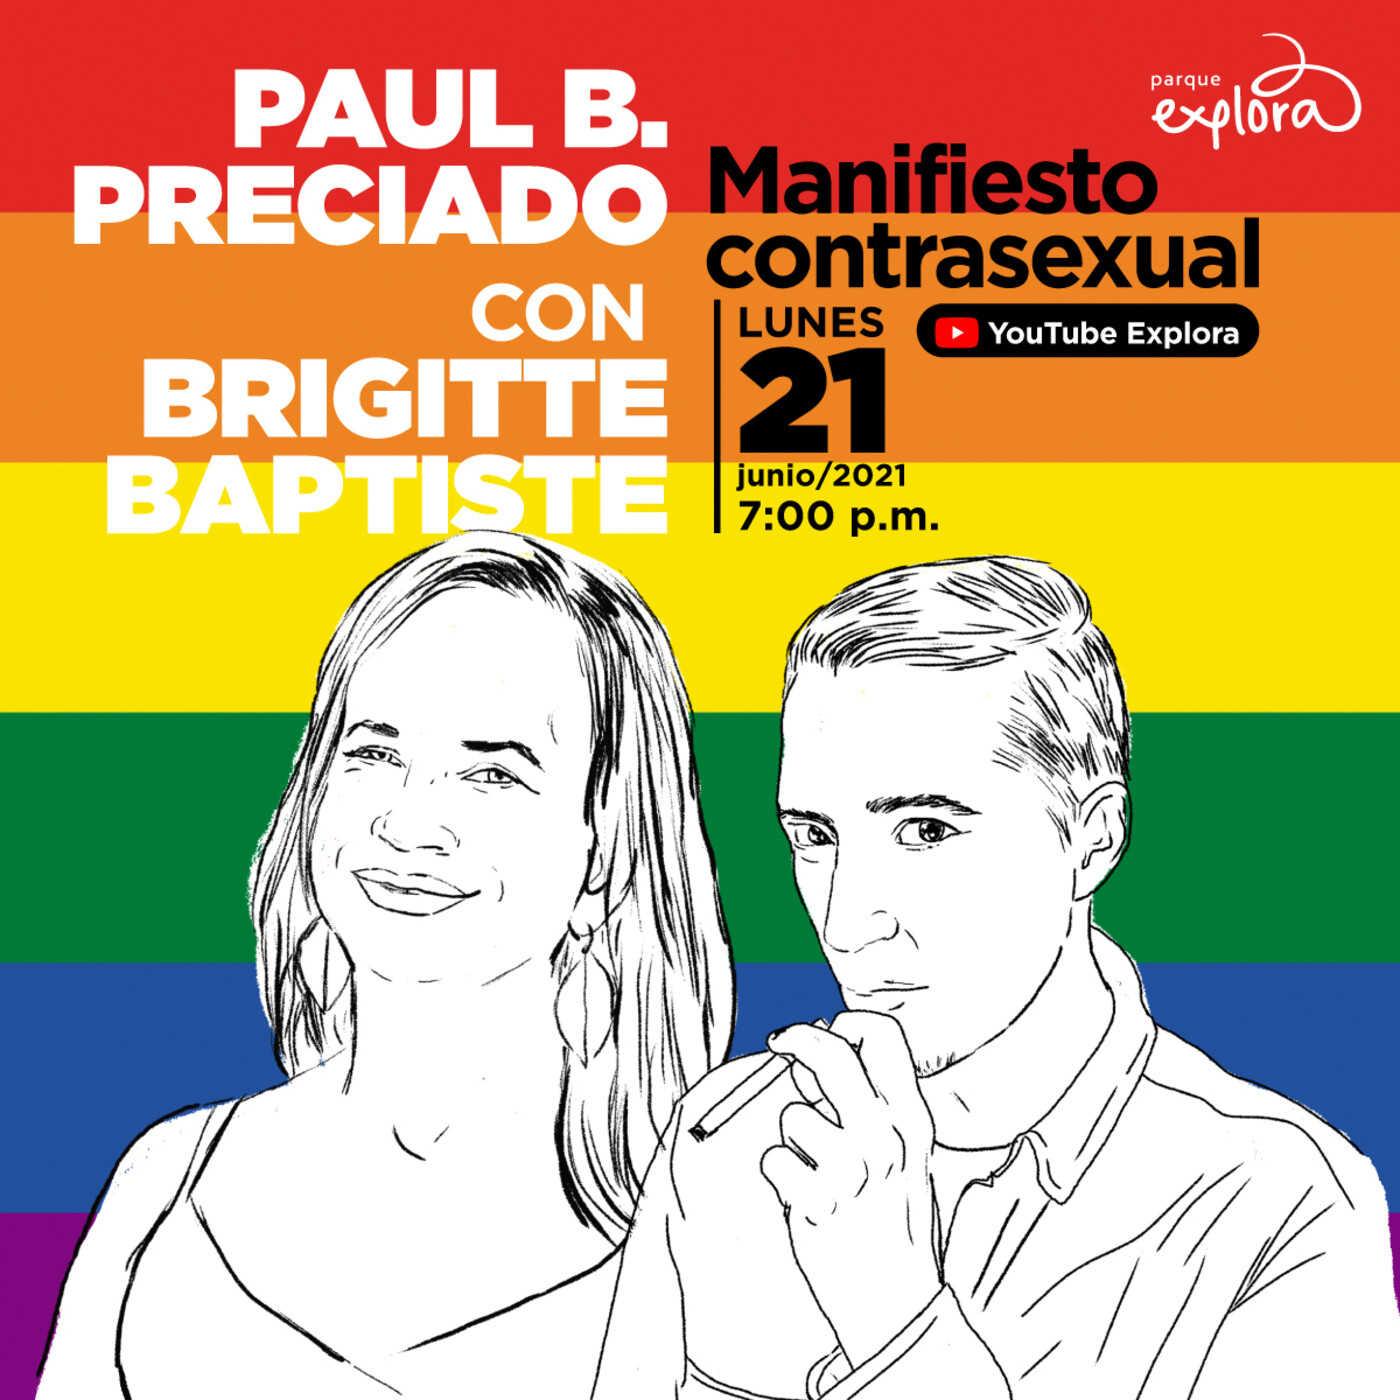 Paul B. Preciado con Brigitte Baptiste   Manifiesto contrasexual   Parque Explora